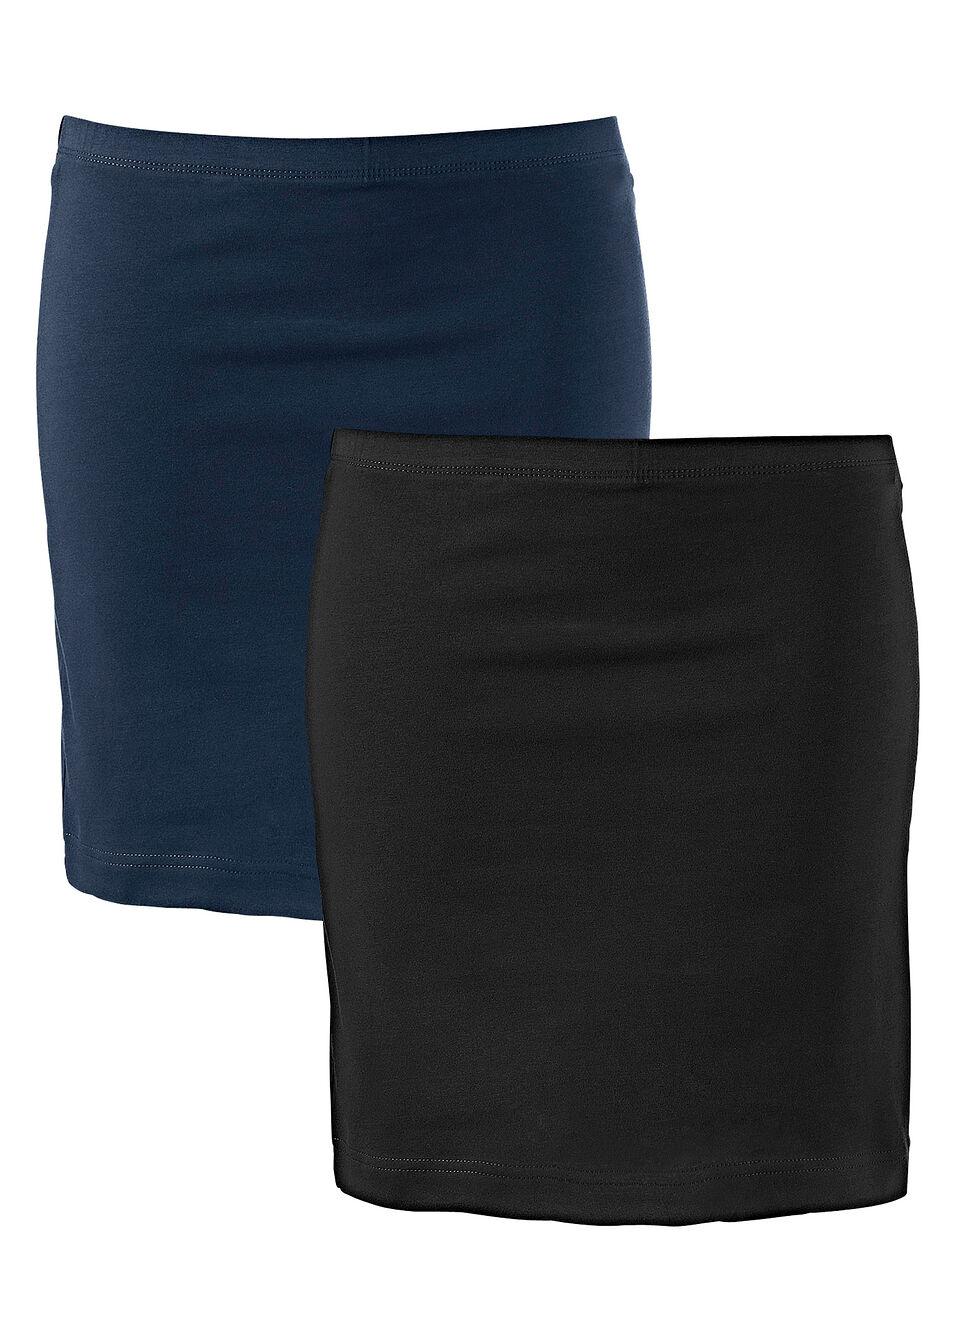 Трикотажная юбка-стретч (2 шт.) от bonprix